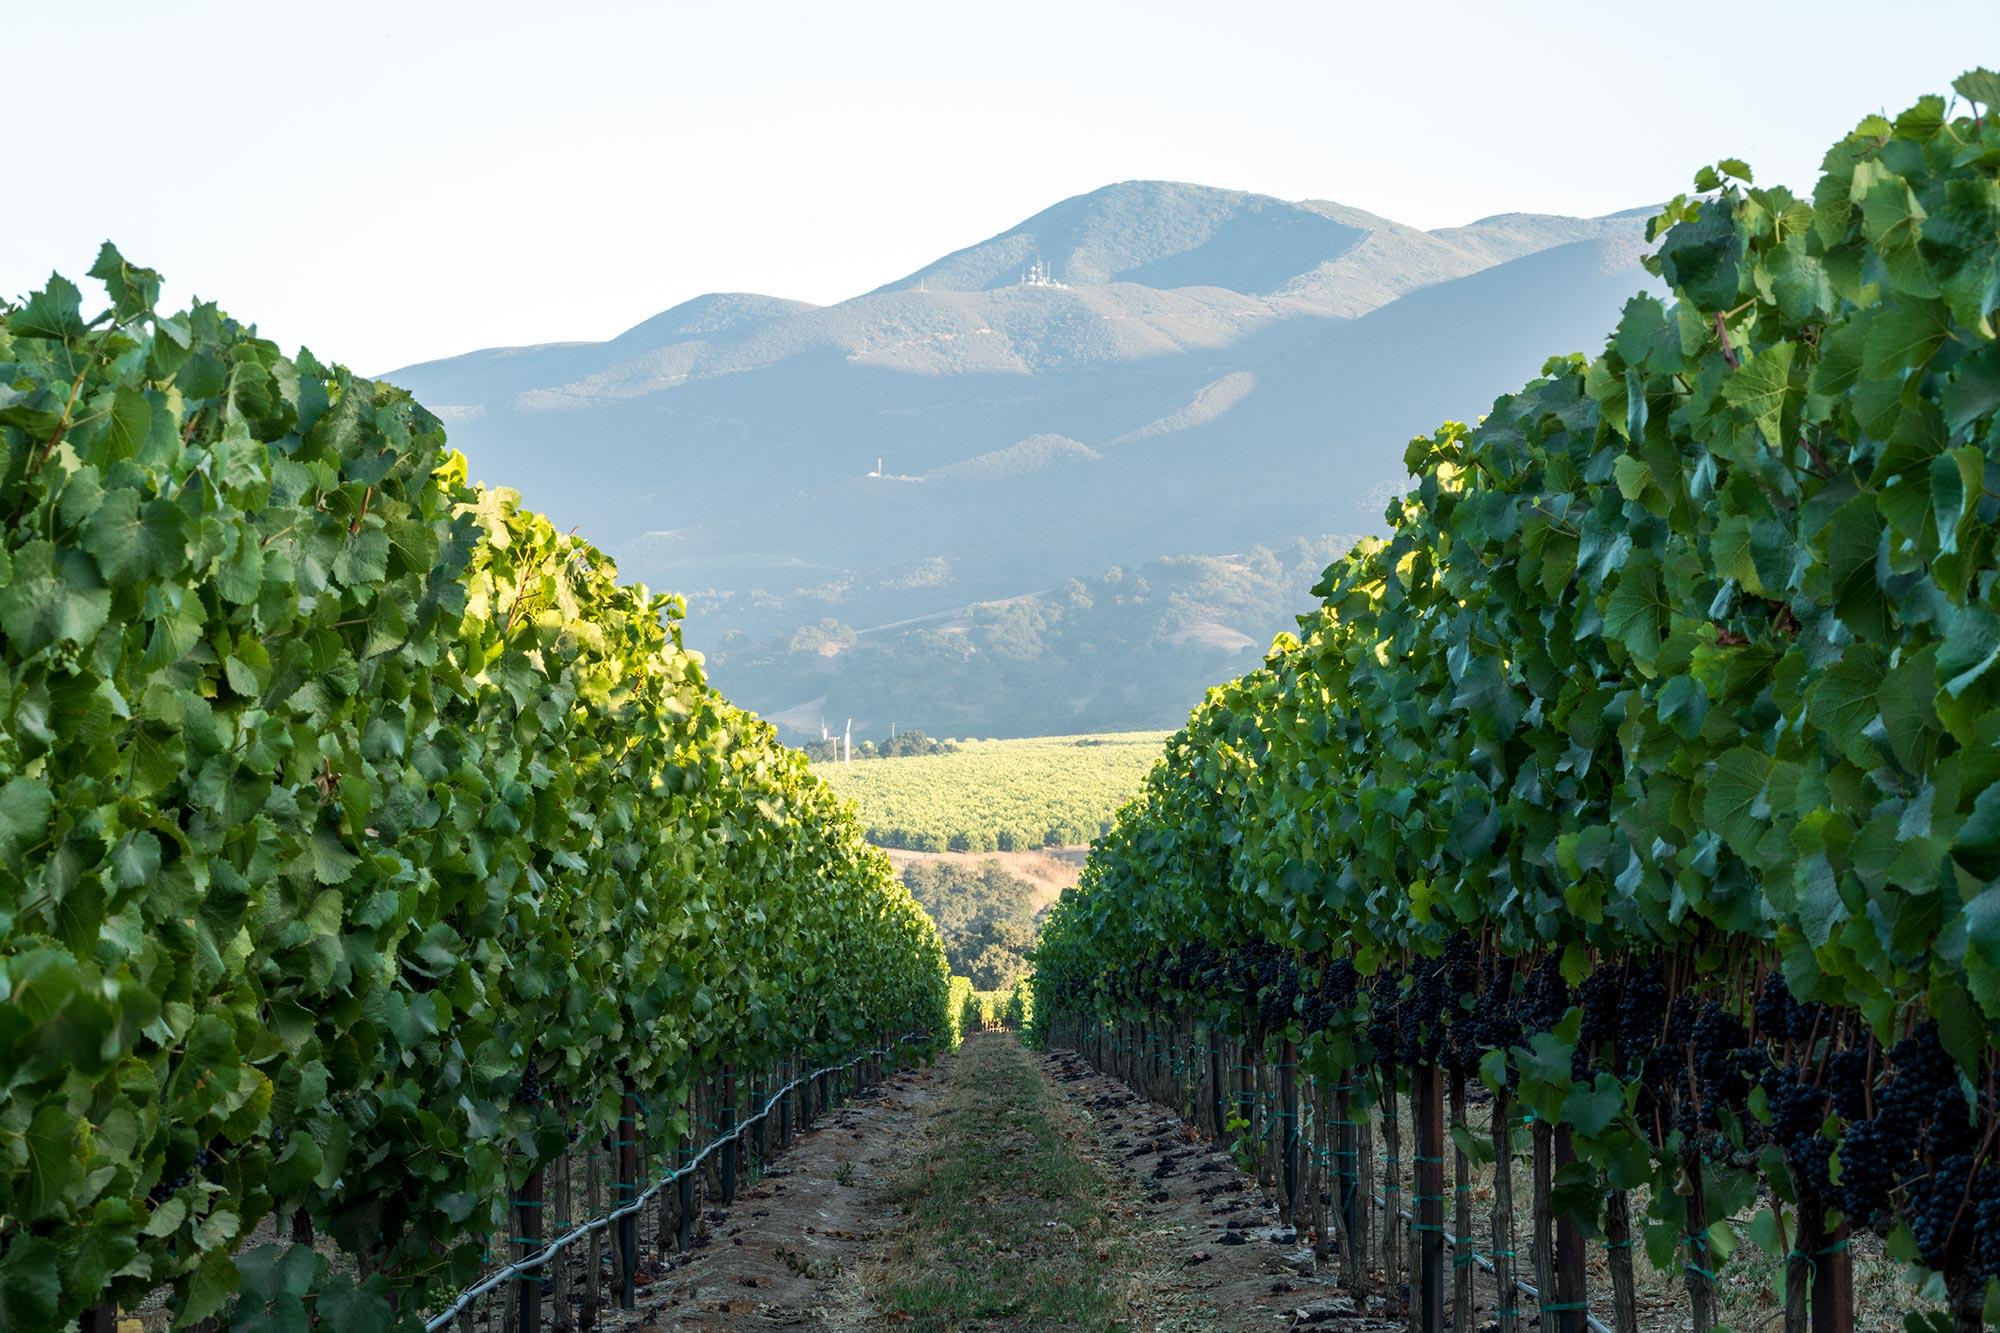 Scenic view of Garys' Vineyard